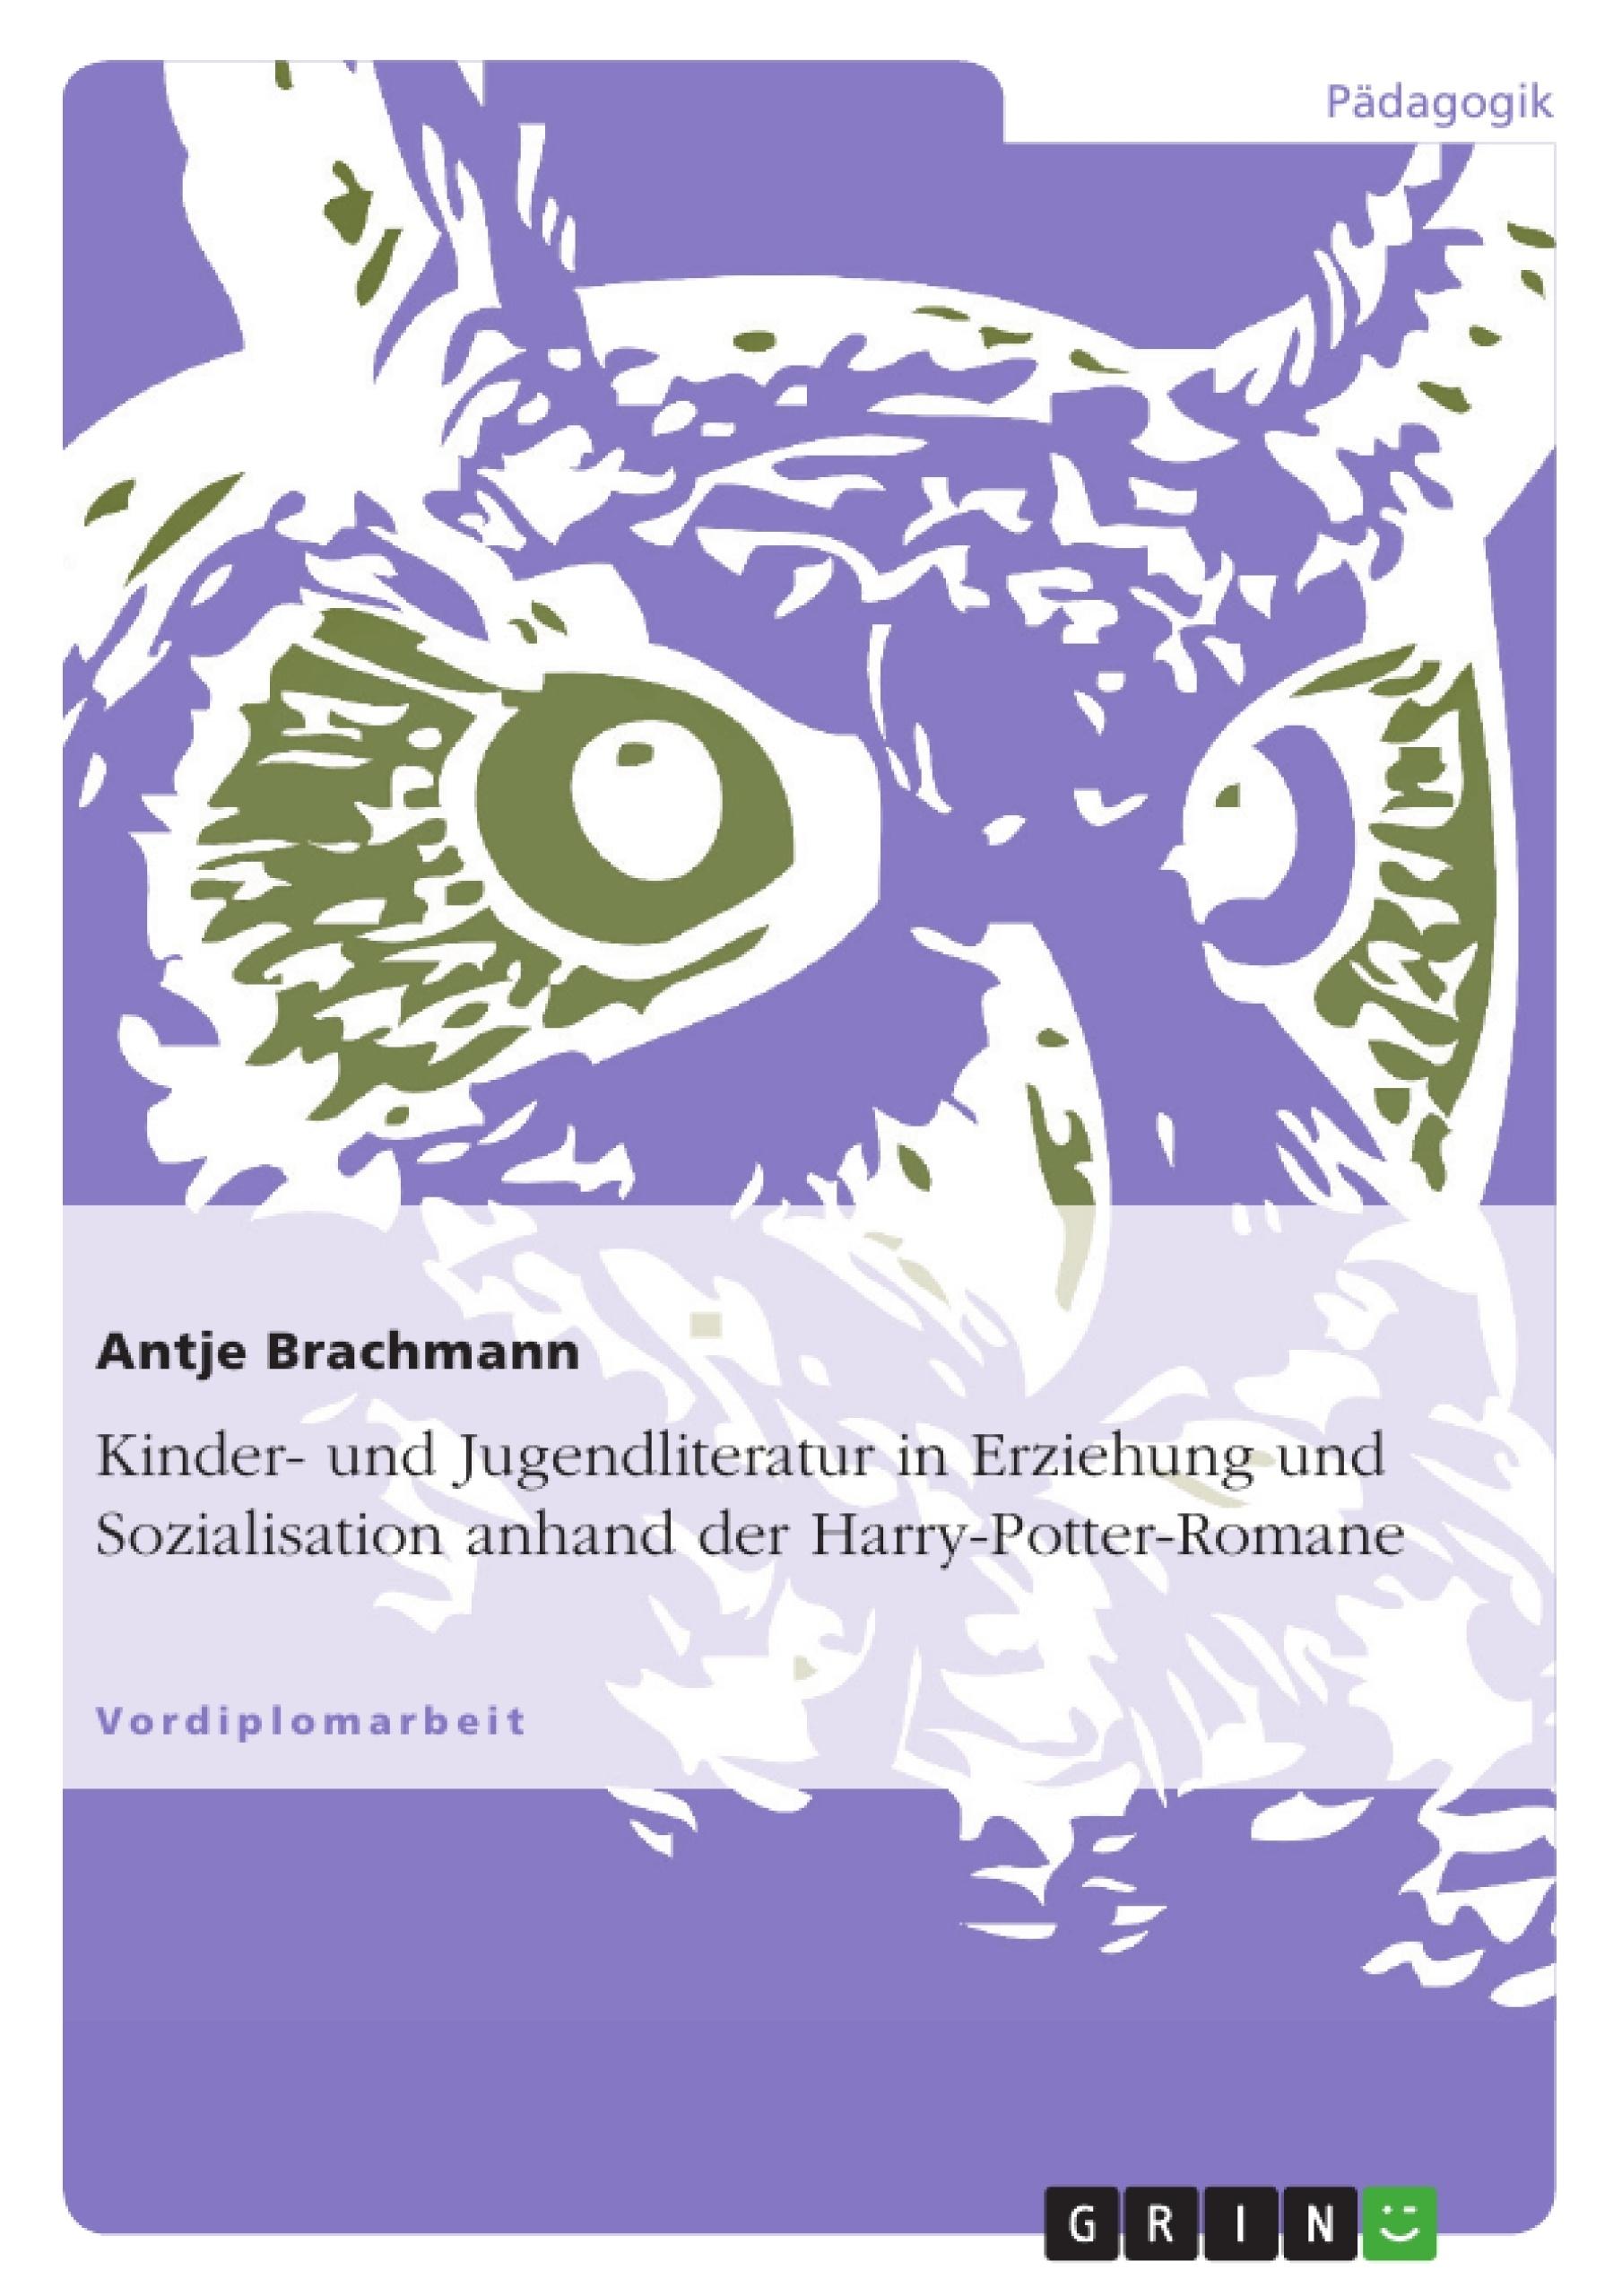 Titel: Kinder- und Jugendliteratur in Erziehung und Sozialisation anhand der Harry-Potter-Romane